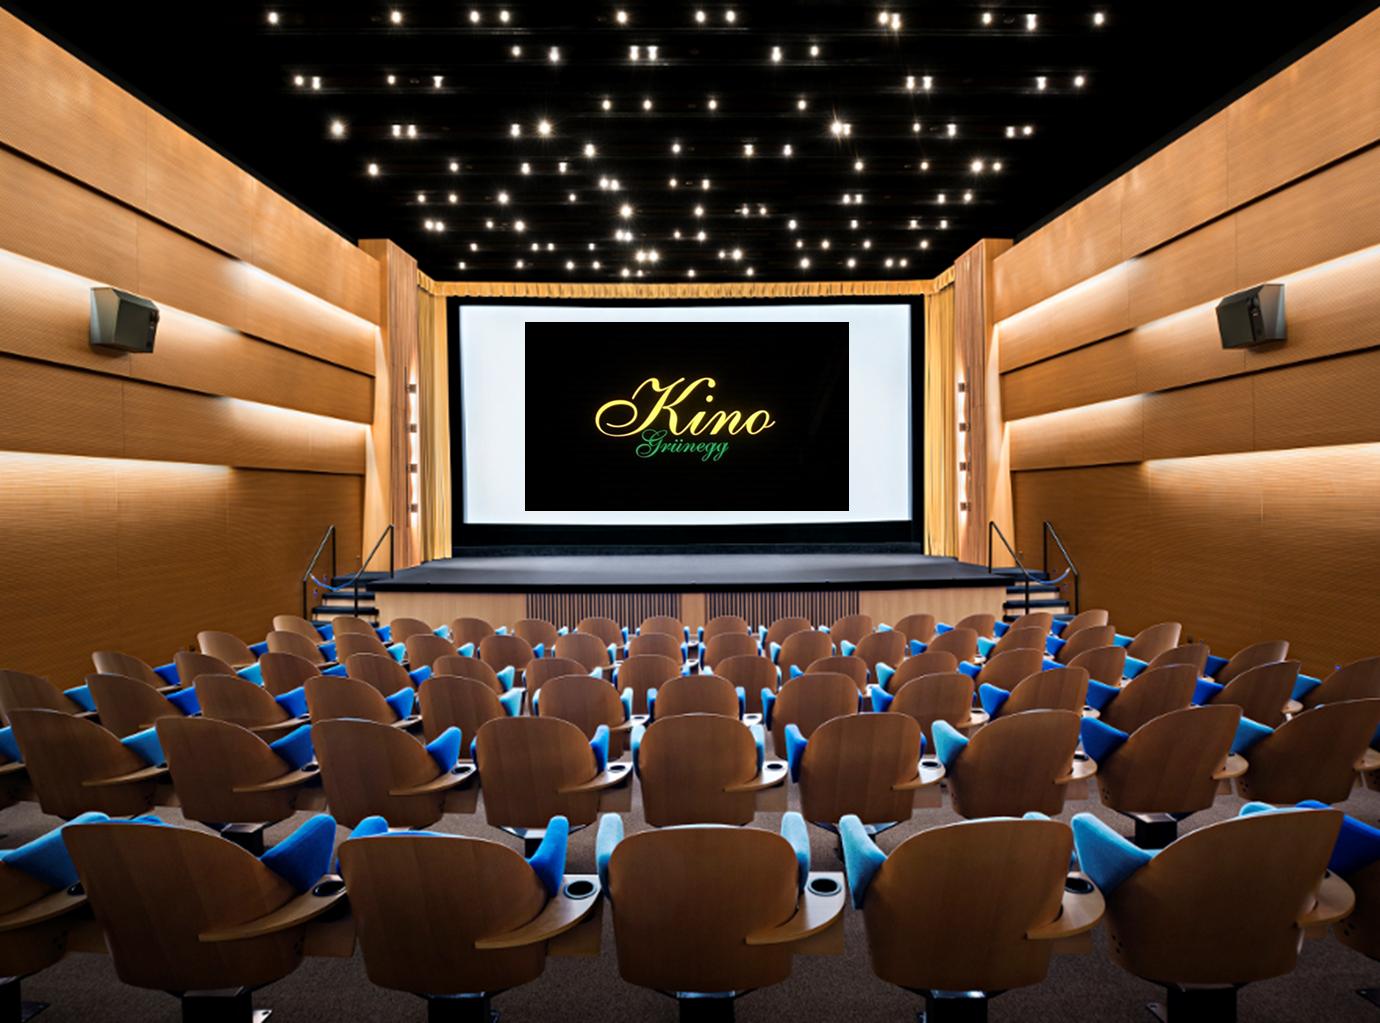 kinoprogramm cinestar